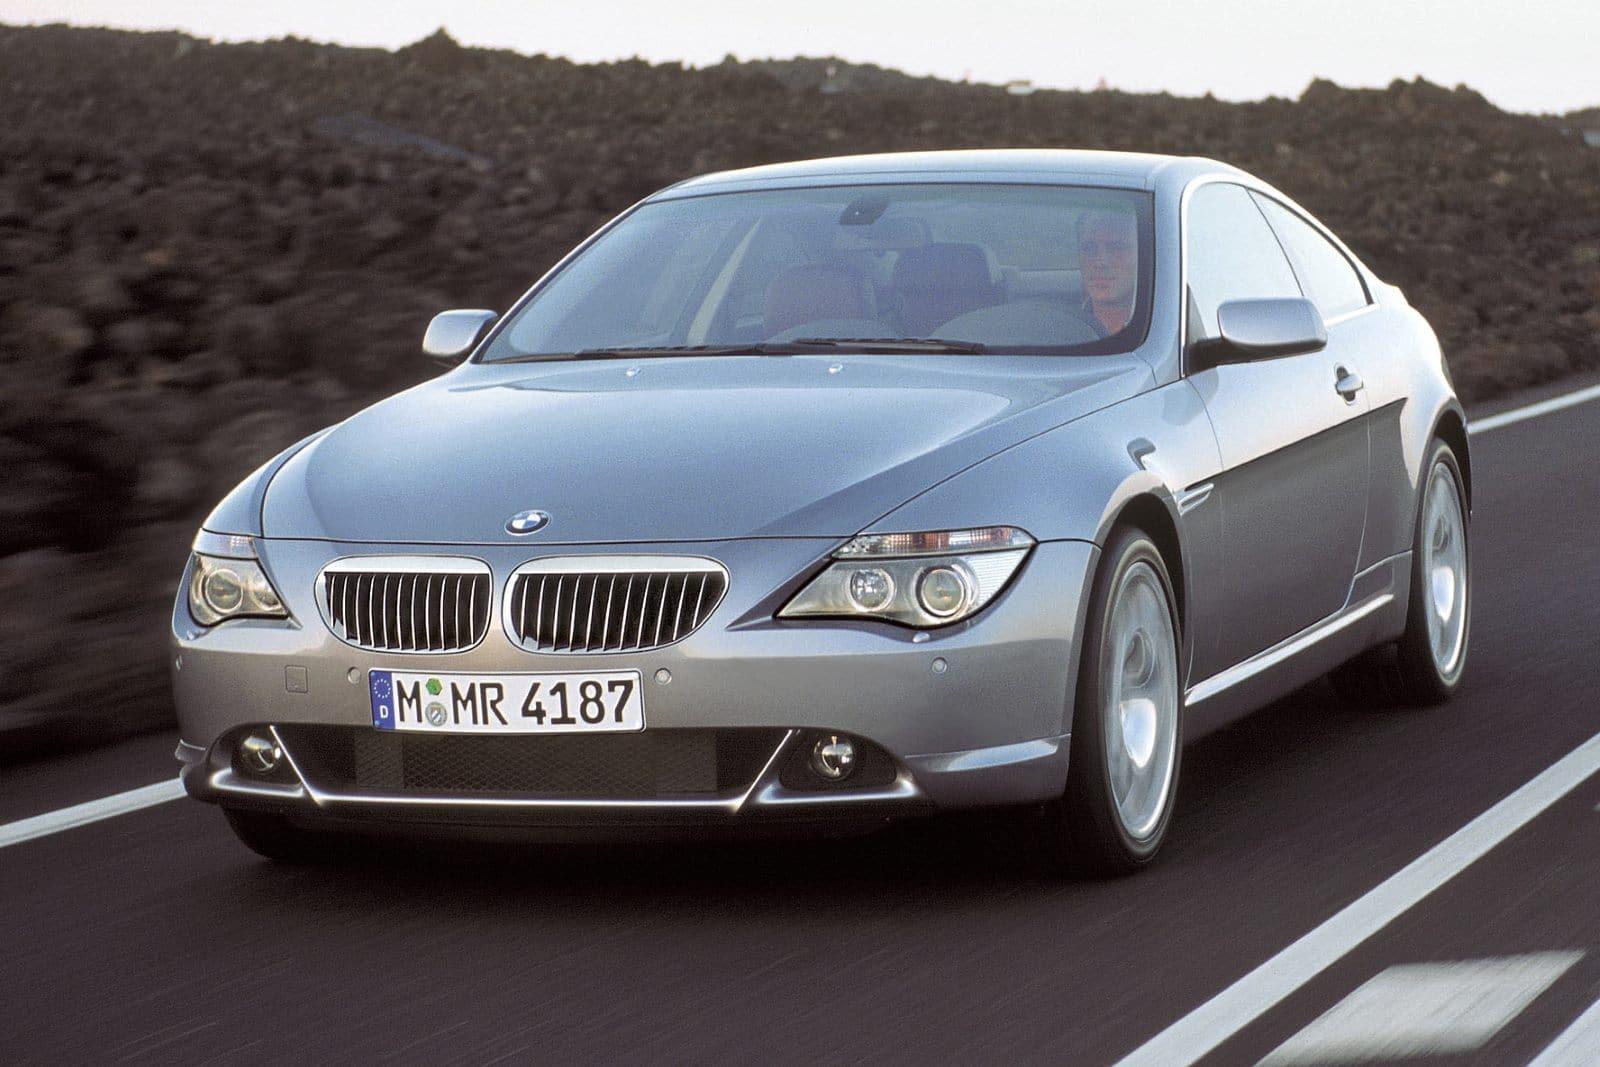 BMW 8 серии E31 - благородный флагман из 90-х 8